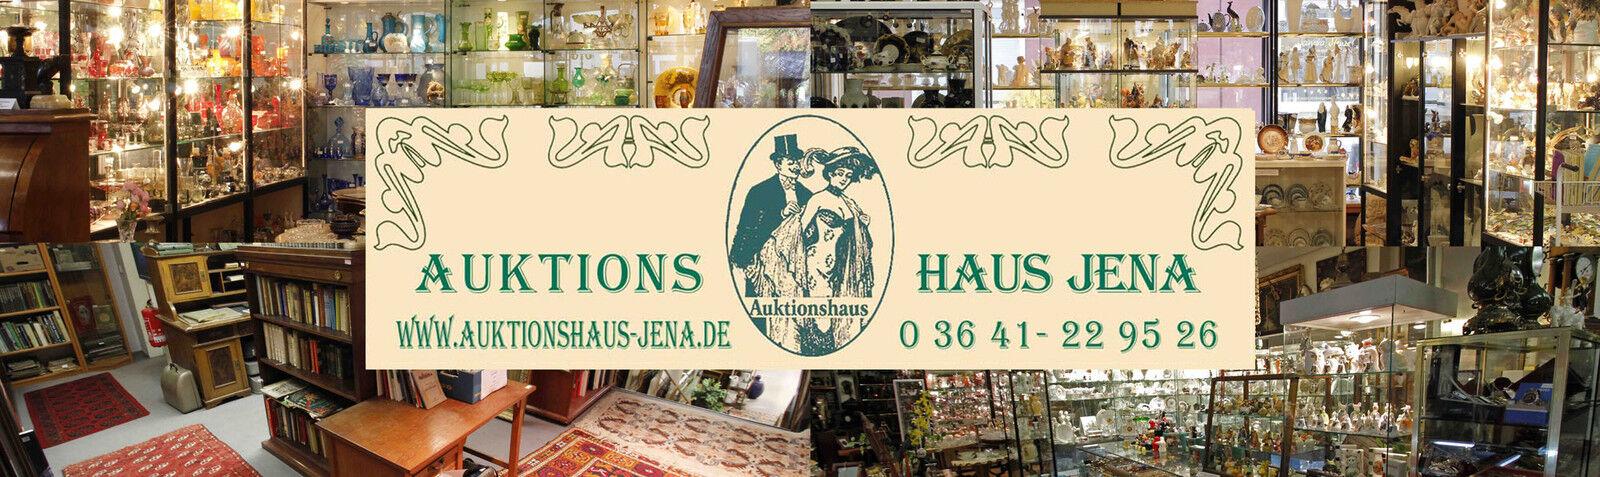 Pfandhaus-Jena